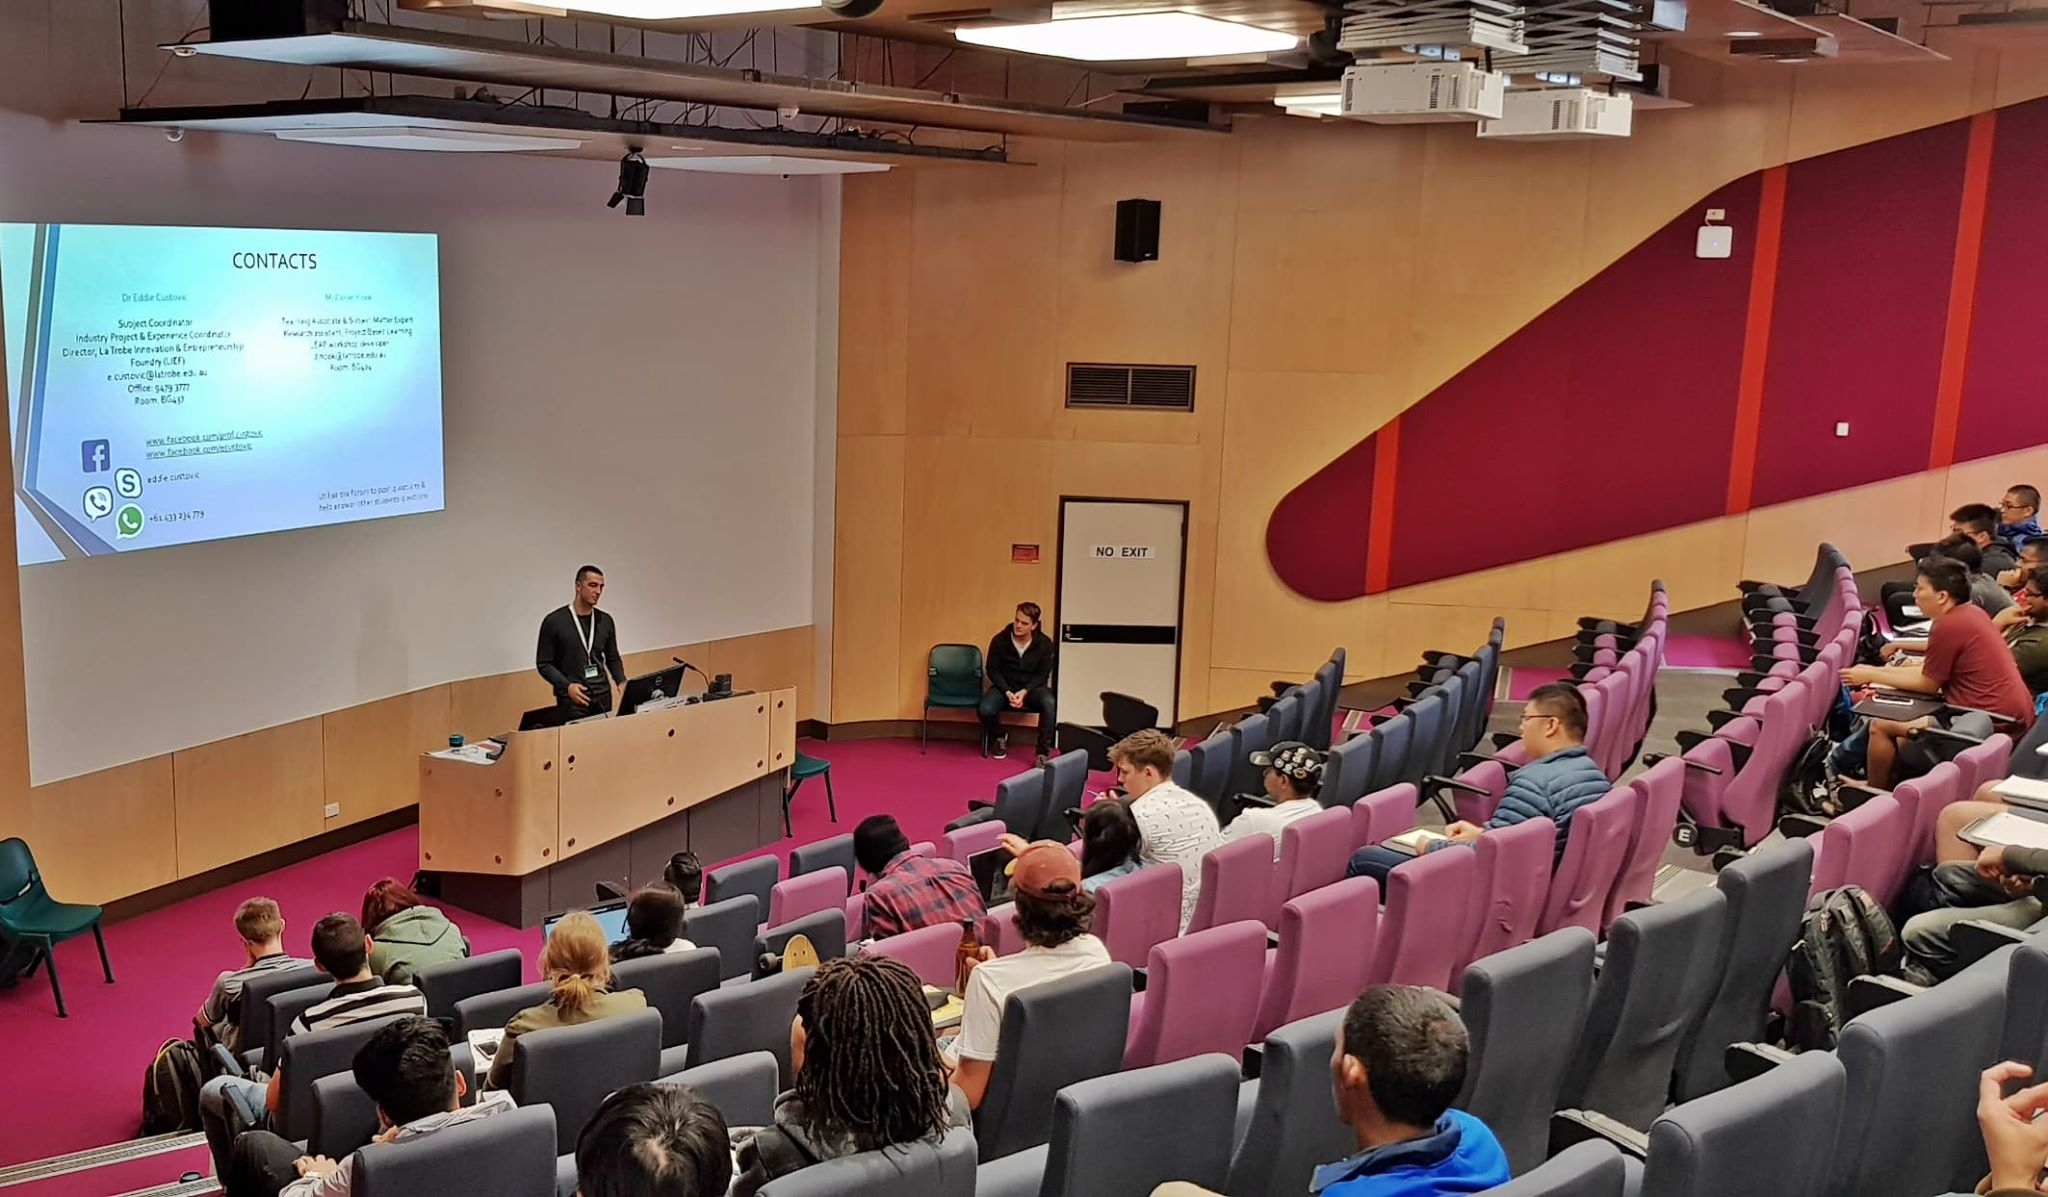 Momcilo Amovic govori o svom iskustvu u Australiji studentima na La Trobe Univerzitetu